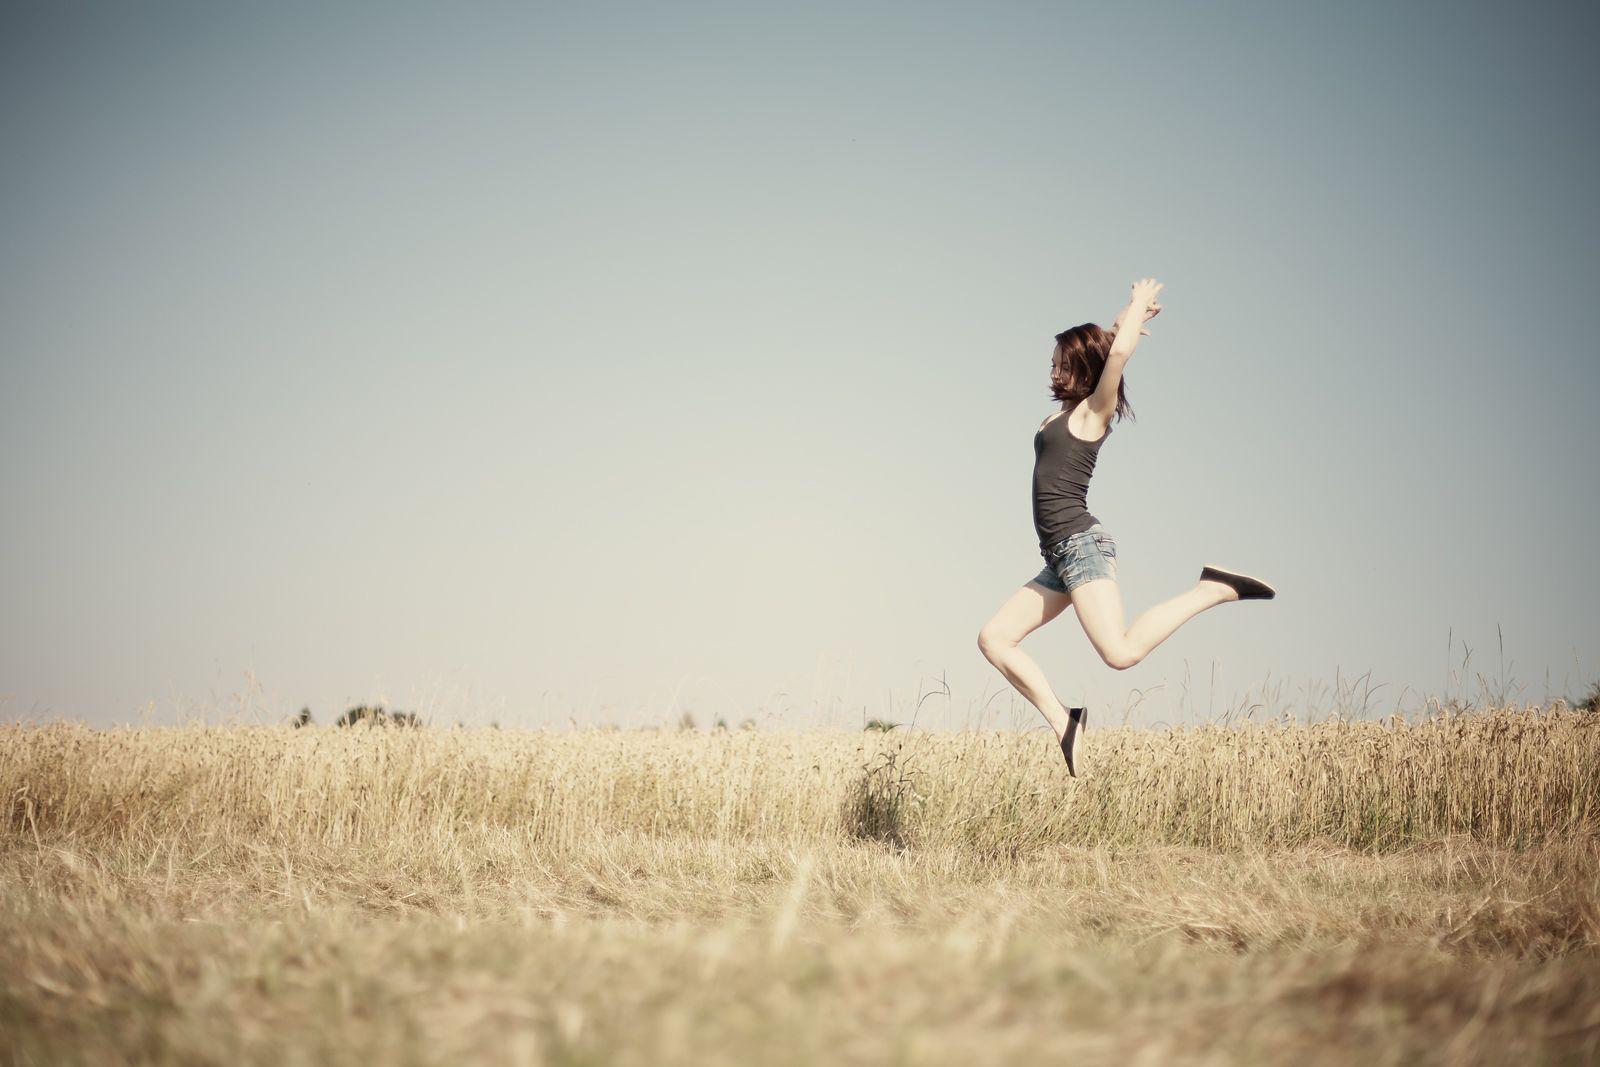 Fly Away Girl In A Field